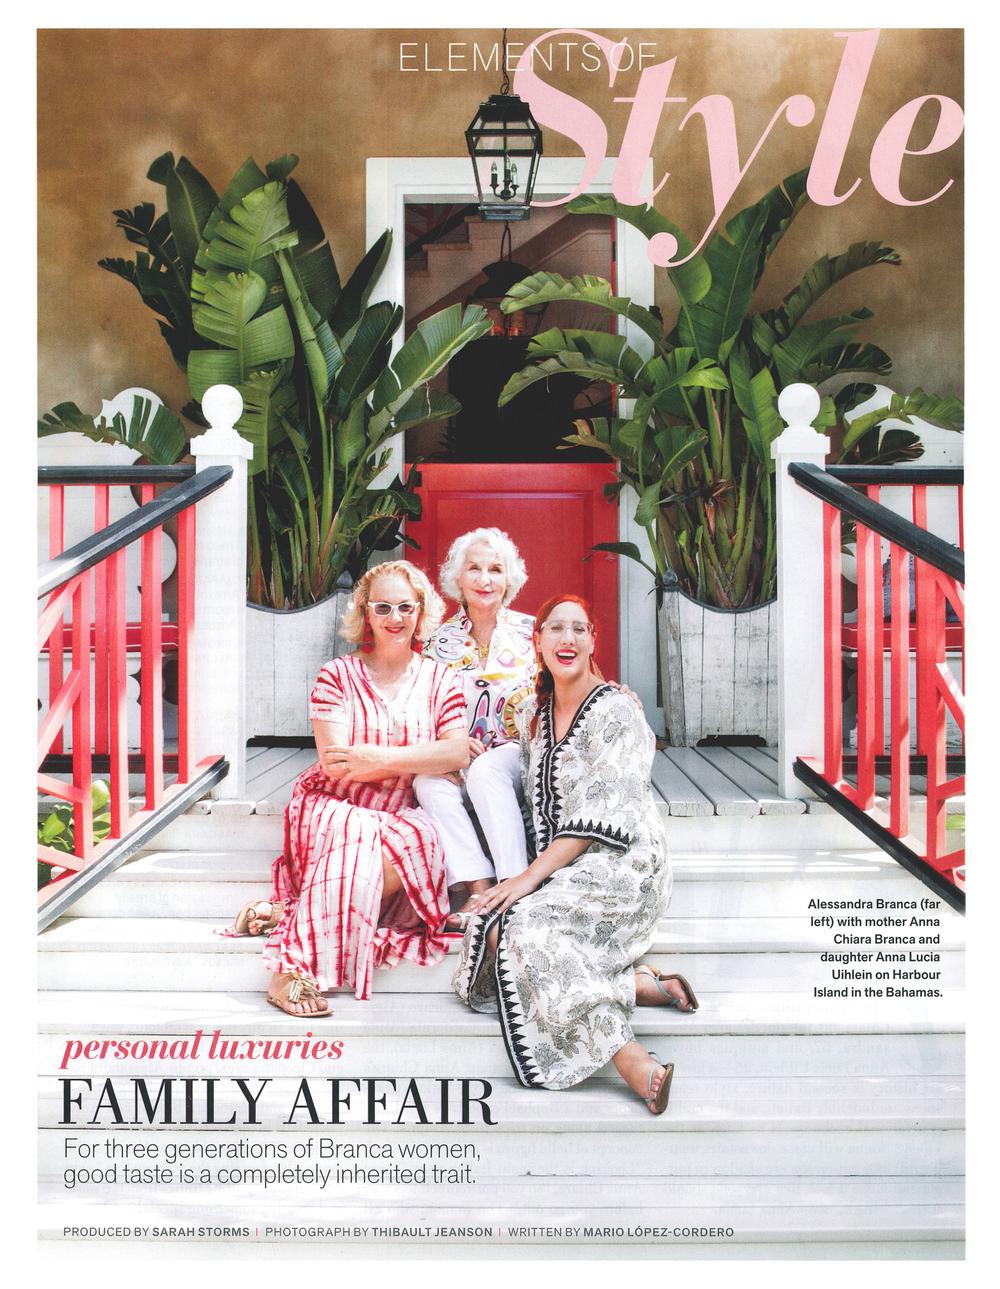 veranda personal luxeries june 2016-1.jpg